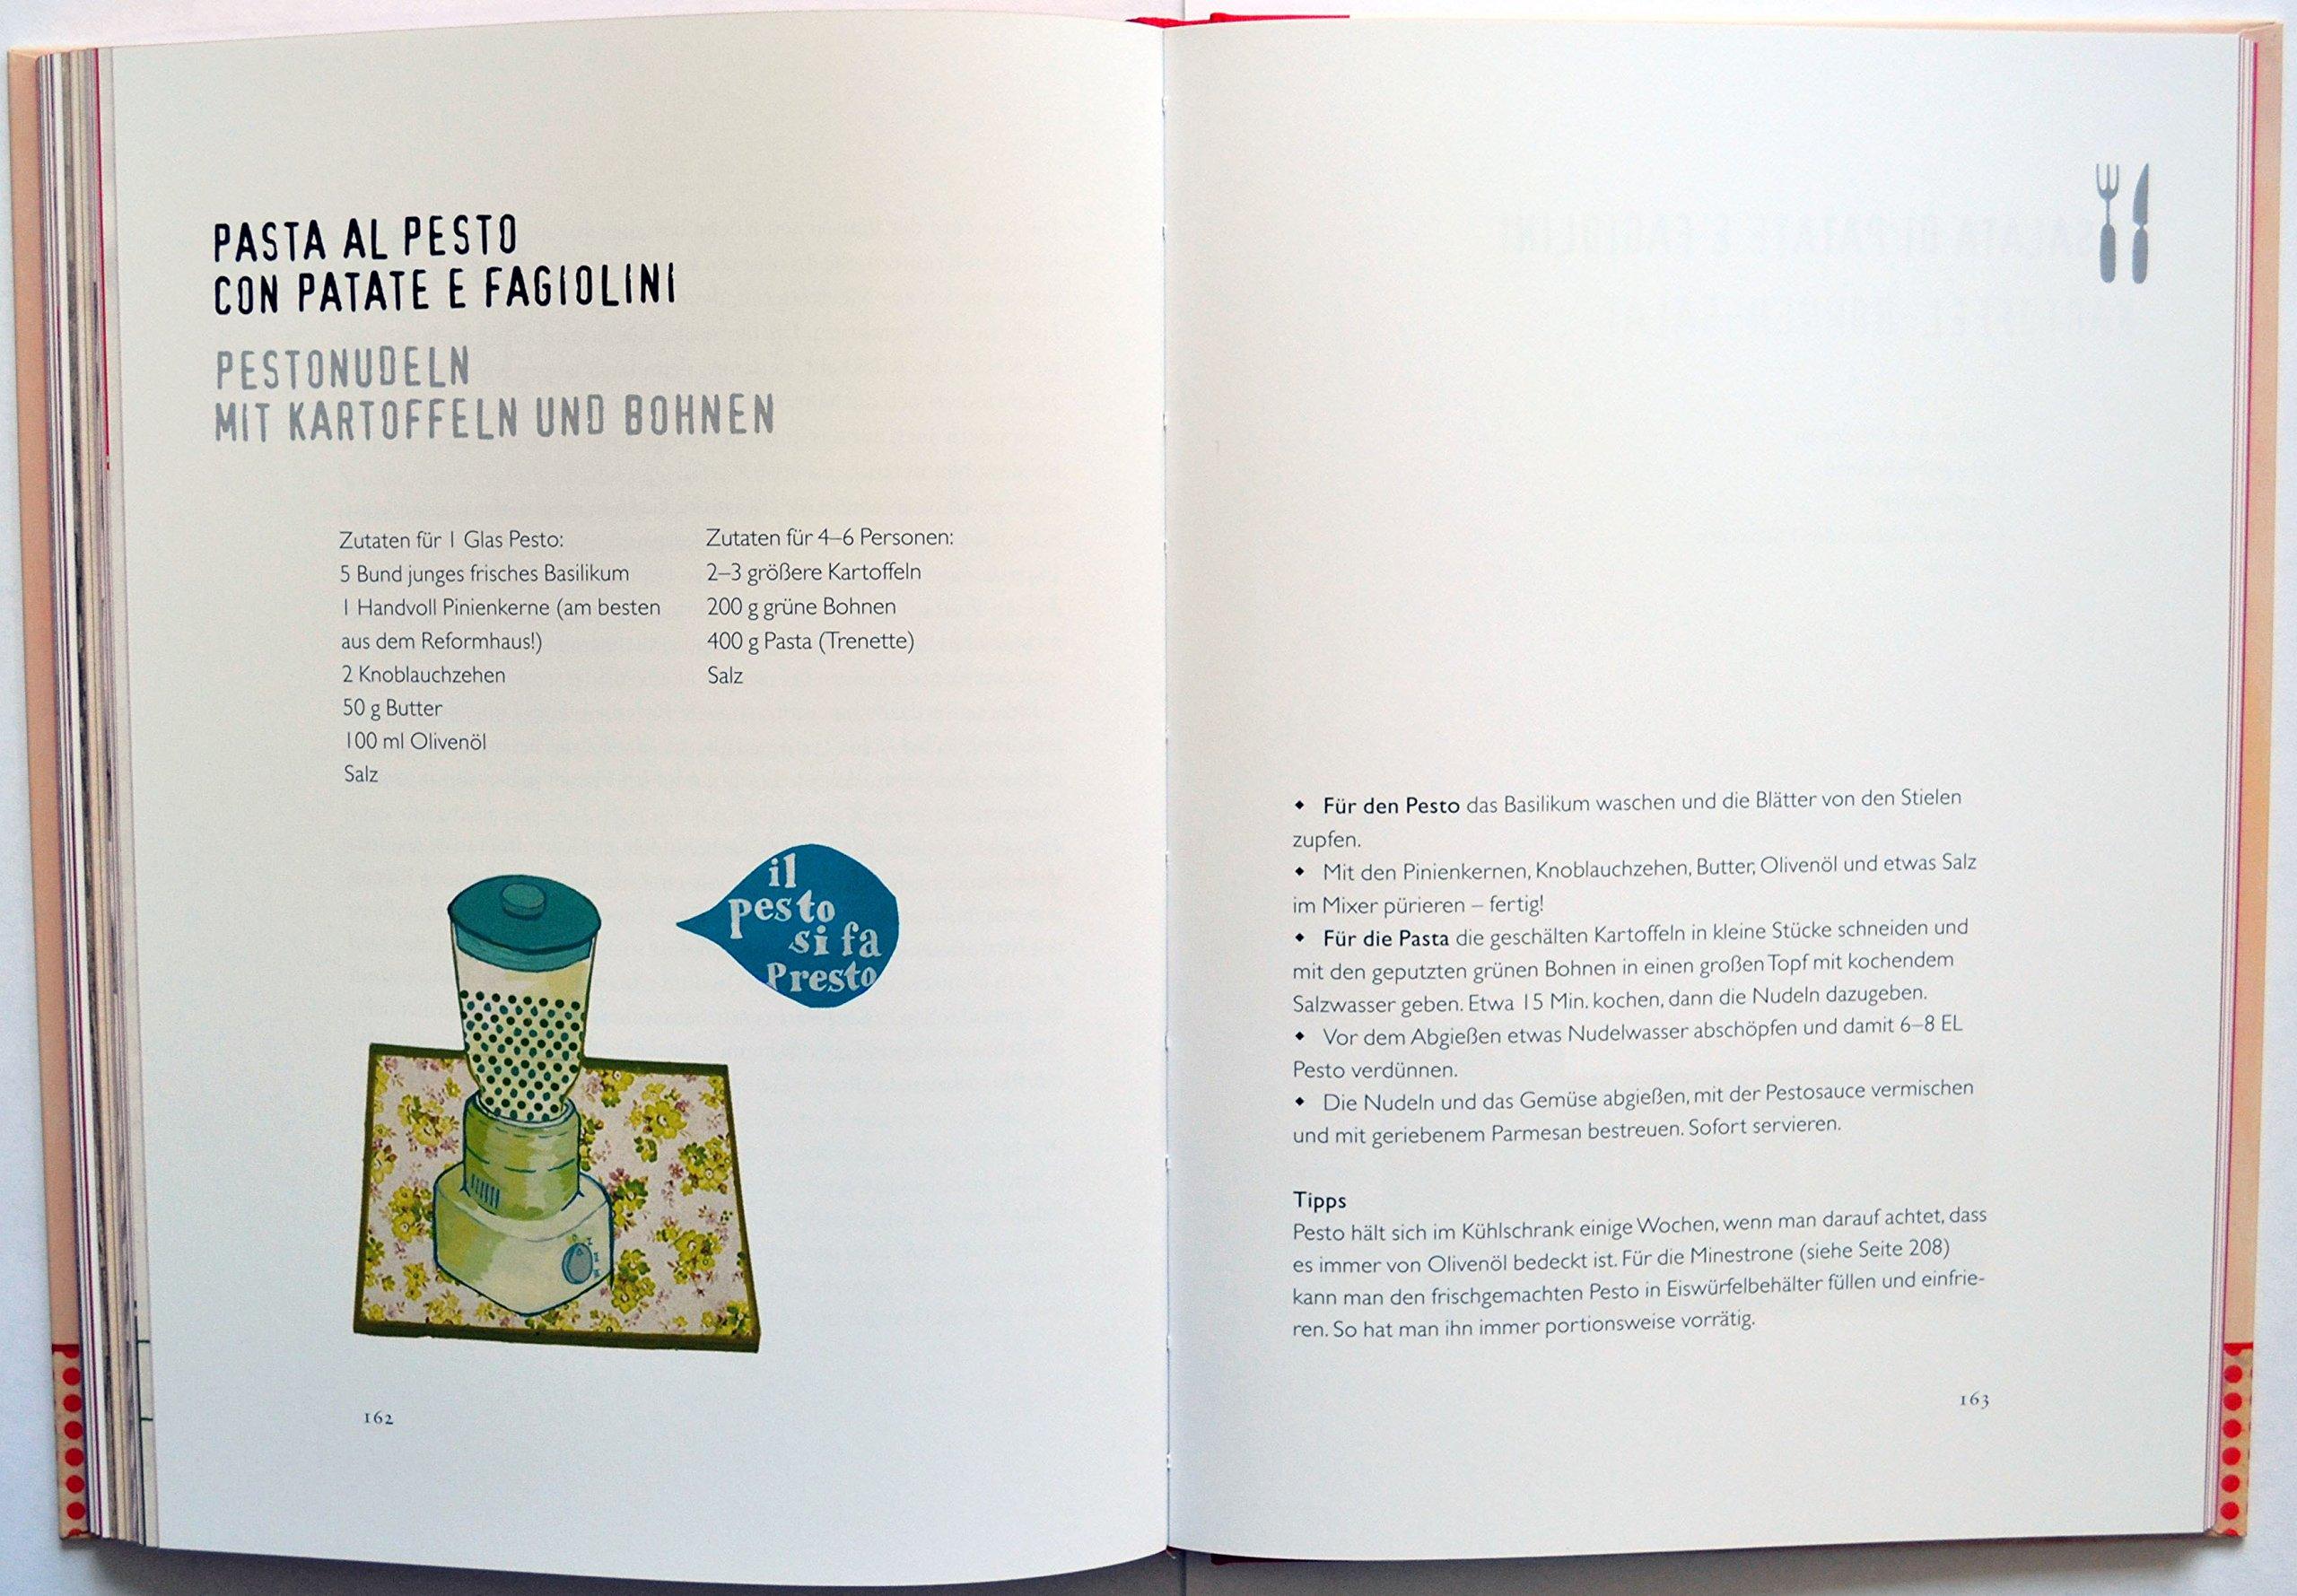 La nonna La cucina La vita - Jubiläumsausgabe: Amazon.de: Larissa ...